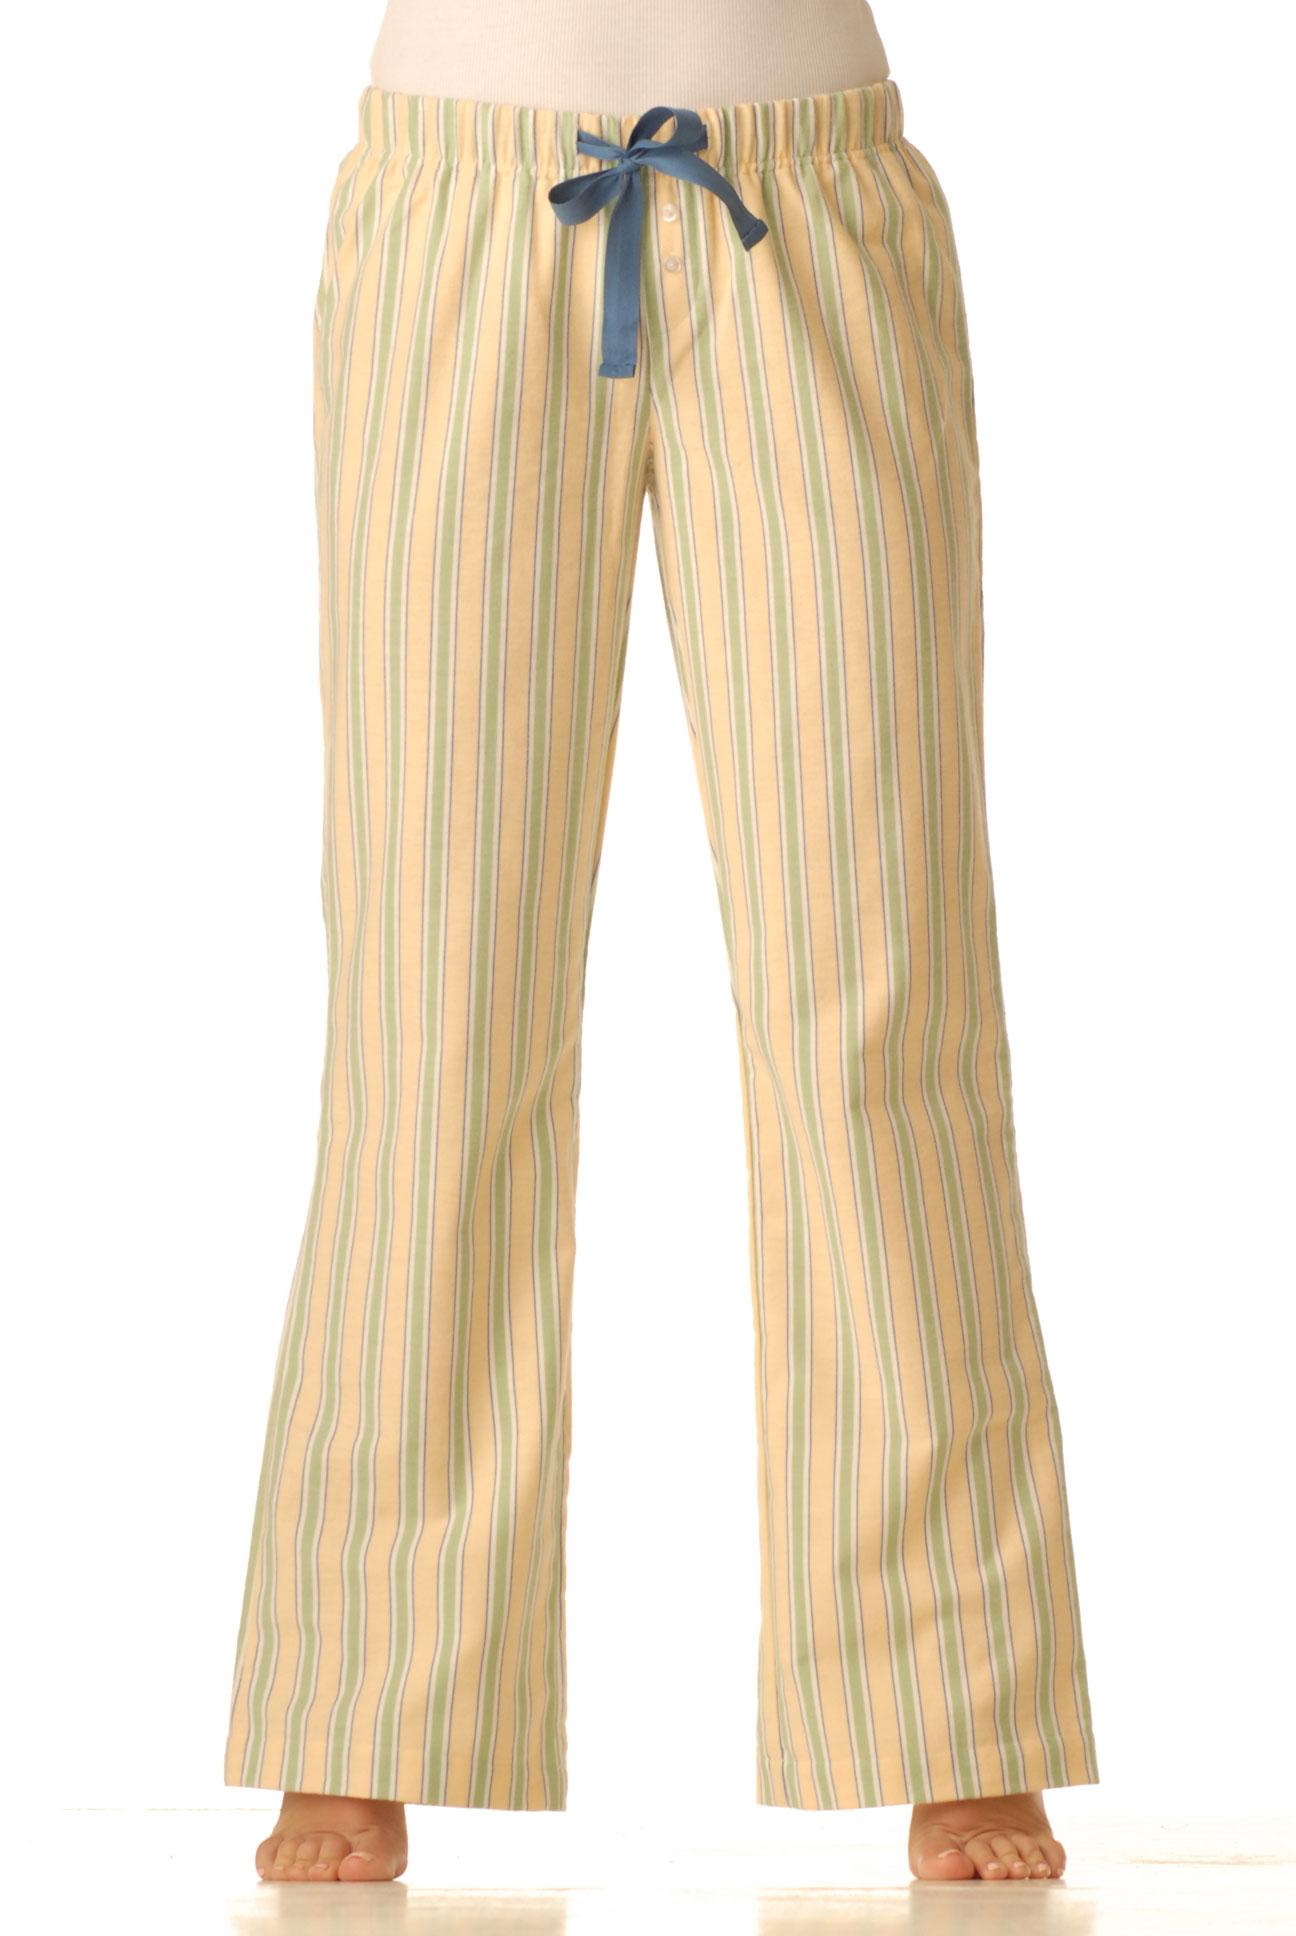 Pyžamové kalhoty flanelové - žlutý proužek